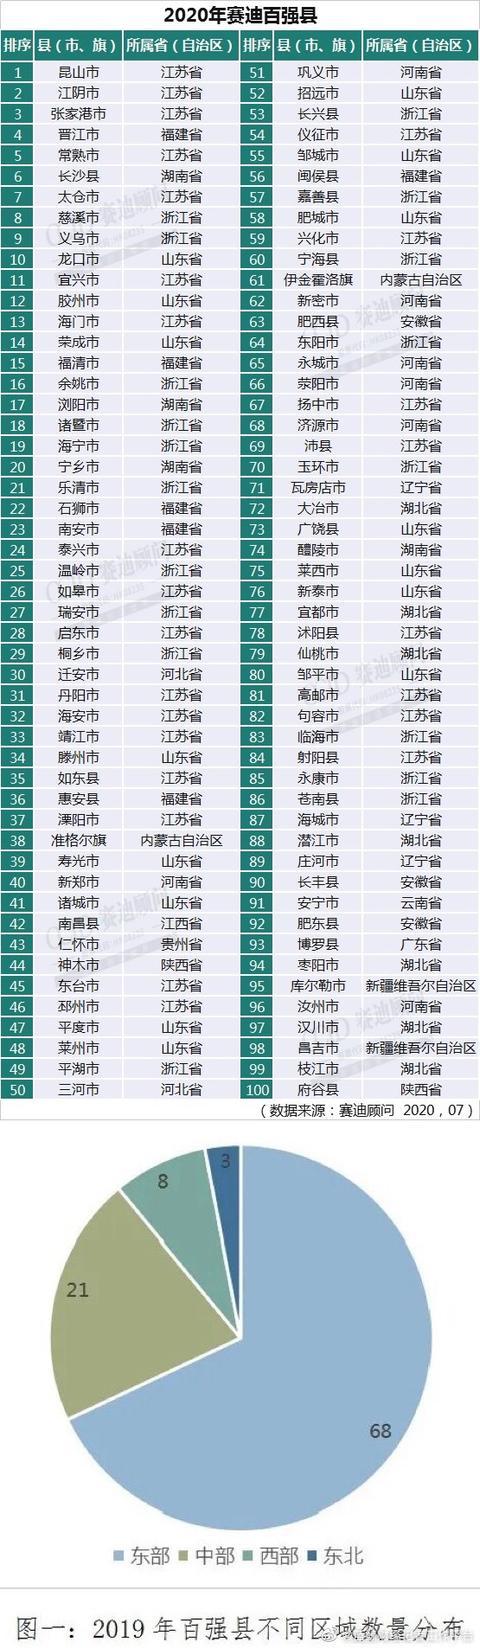 33个县GDP破千亿:2020中国百强县名单前十江苏占一半